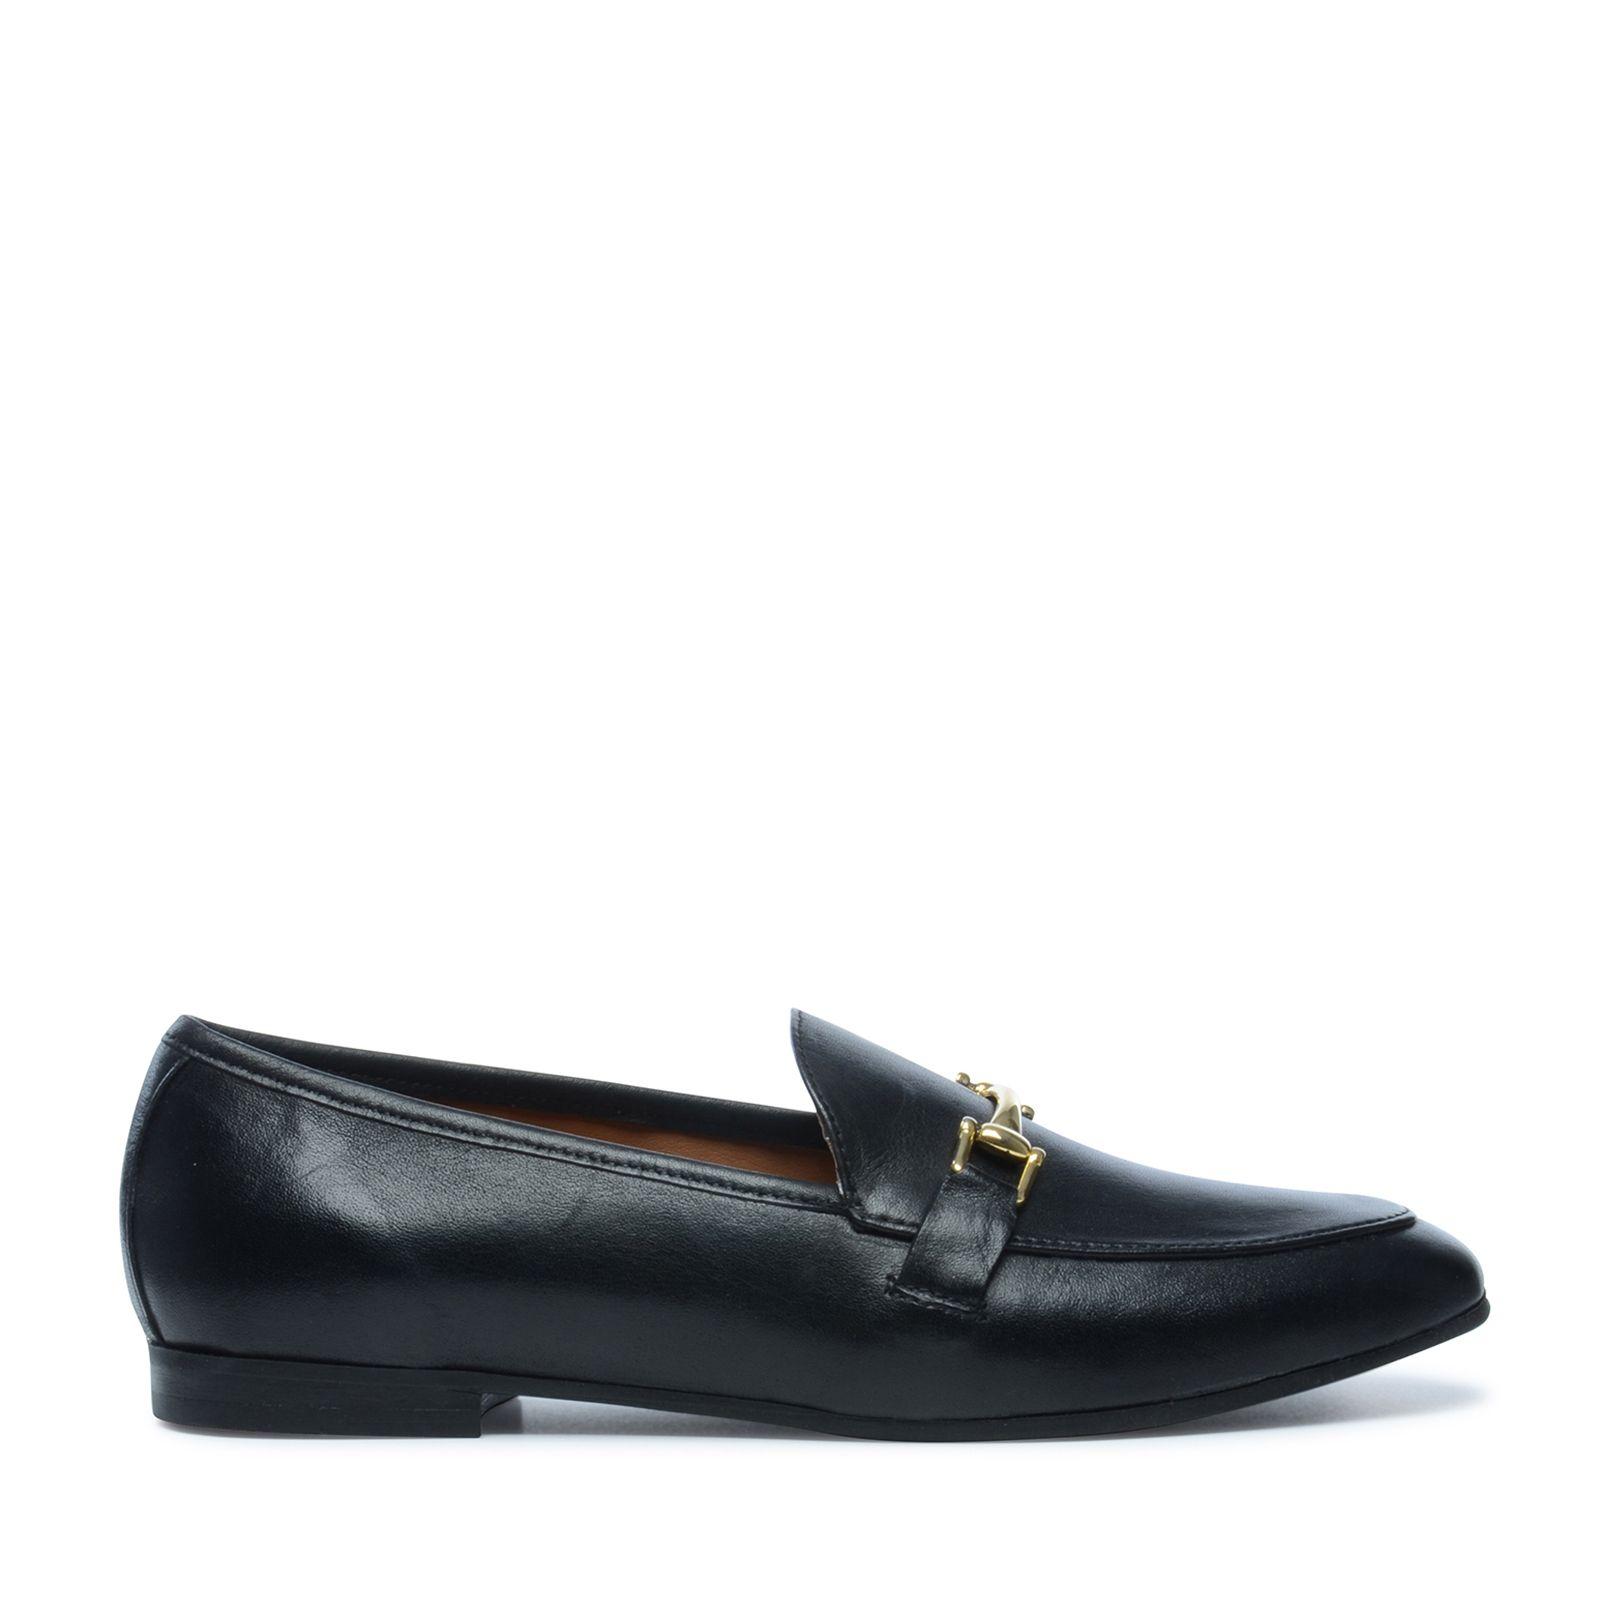 Sacha Loafers Loafers Zwart Damesschoenen Zwart Damesschoenen Sacha nOP0wkX8